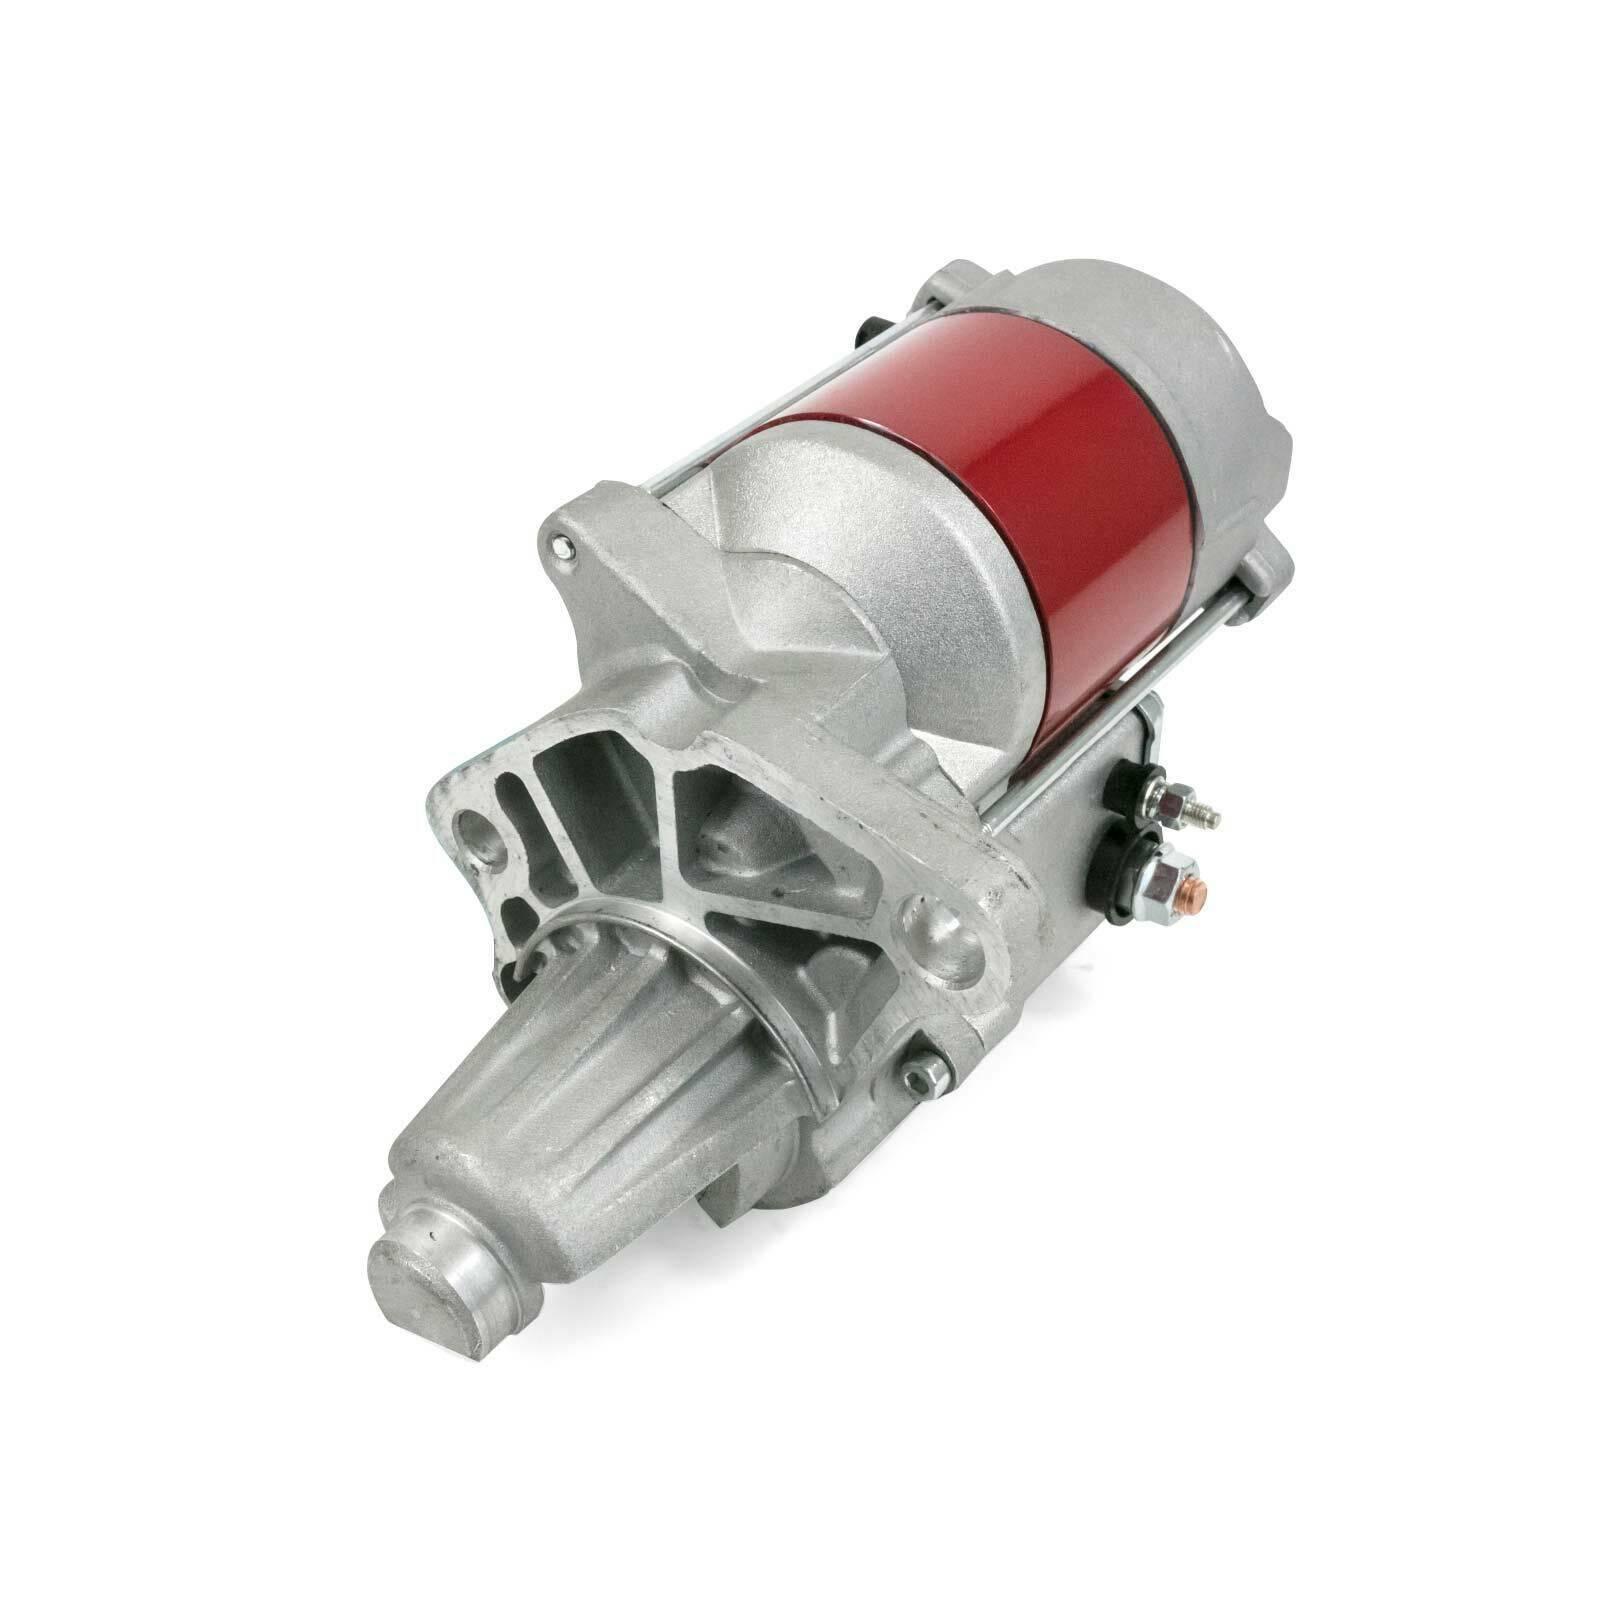 A-Team Performance 1.9 HP Mini Starter for Chrysler BB, Inline 6 SB V8, Red